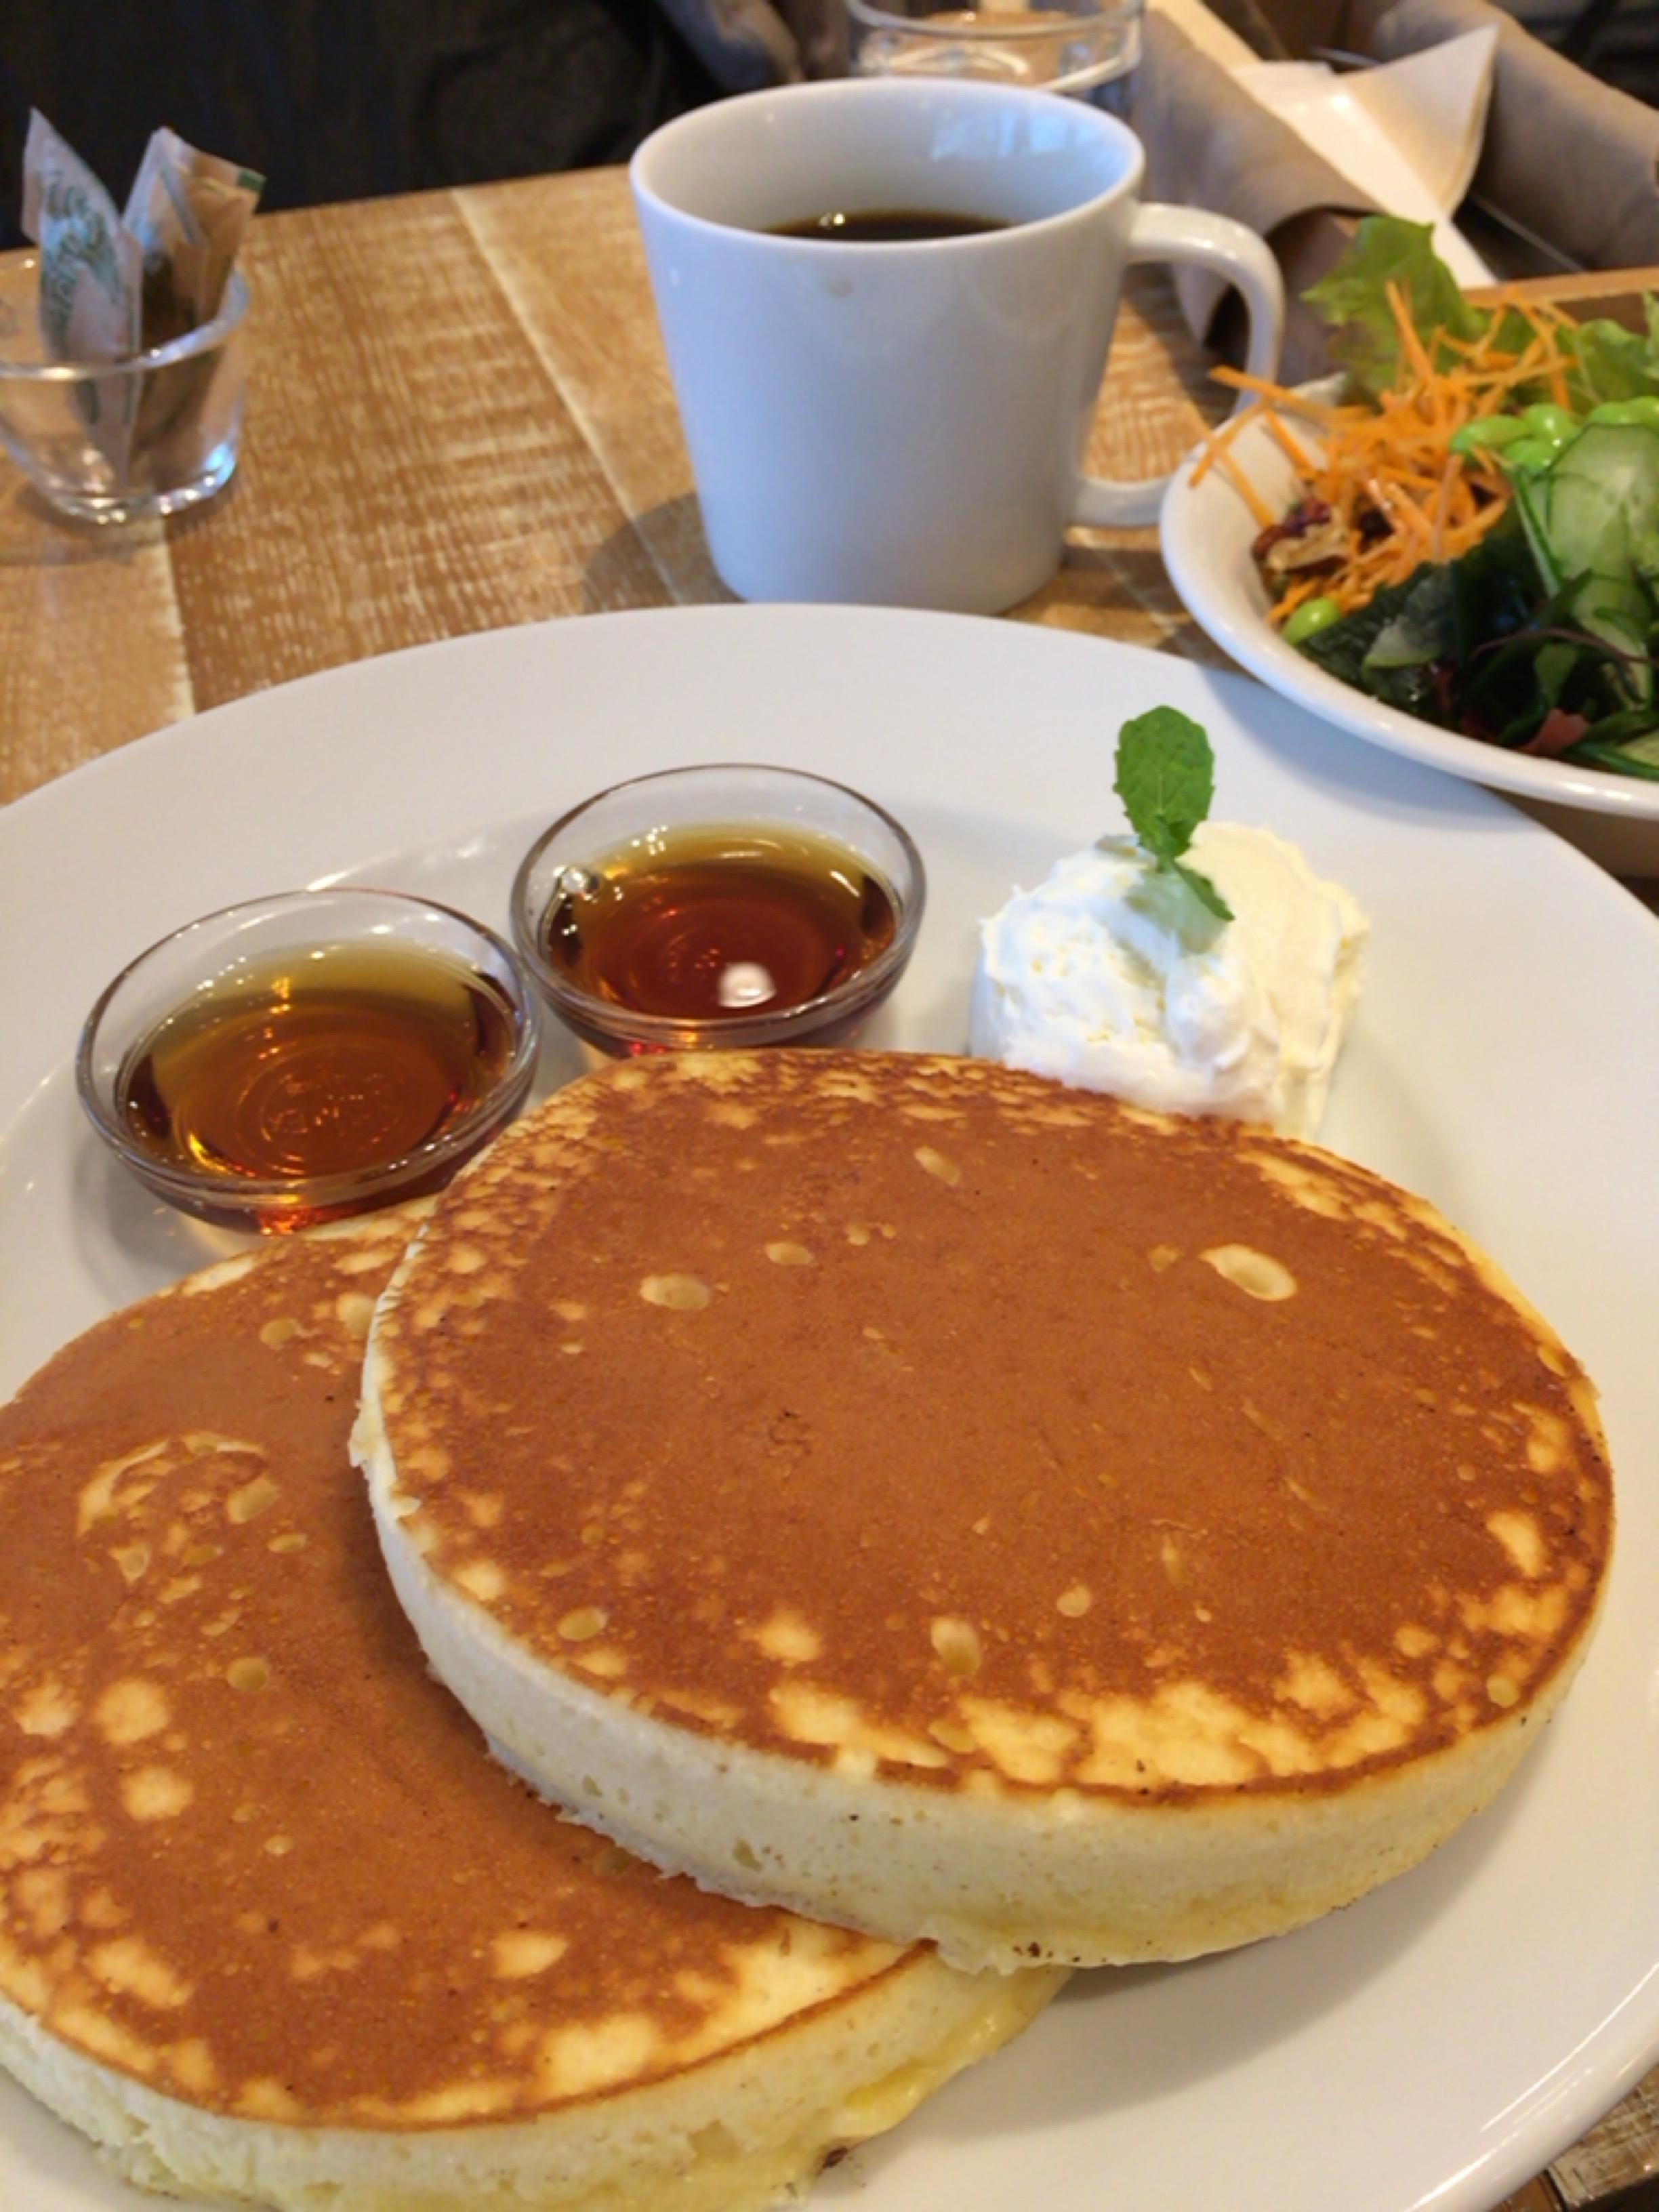 パンケーキ専門店「J.S.PANCAKE CAFE」ランチのサラダバーも嬉しい♪